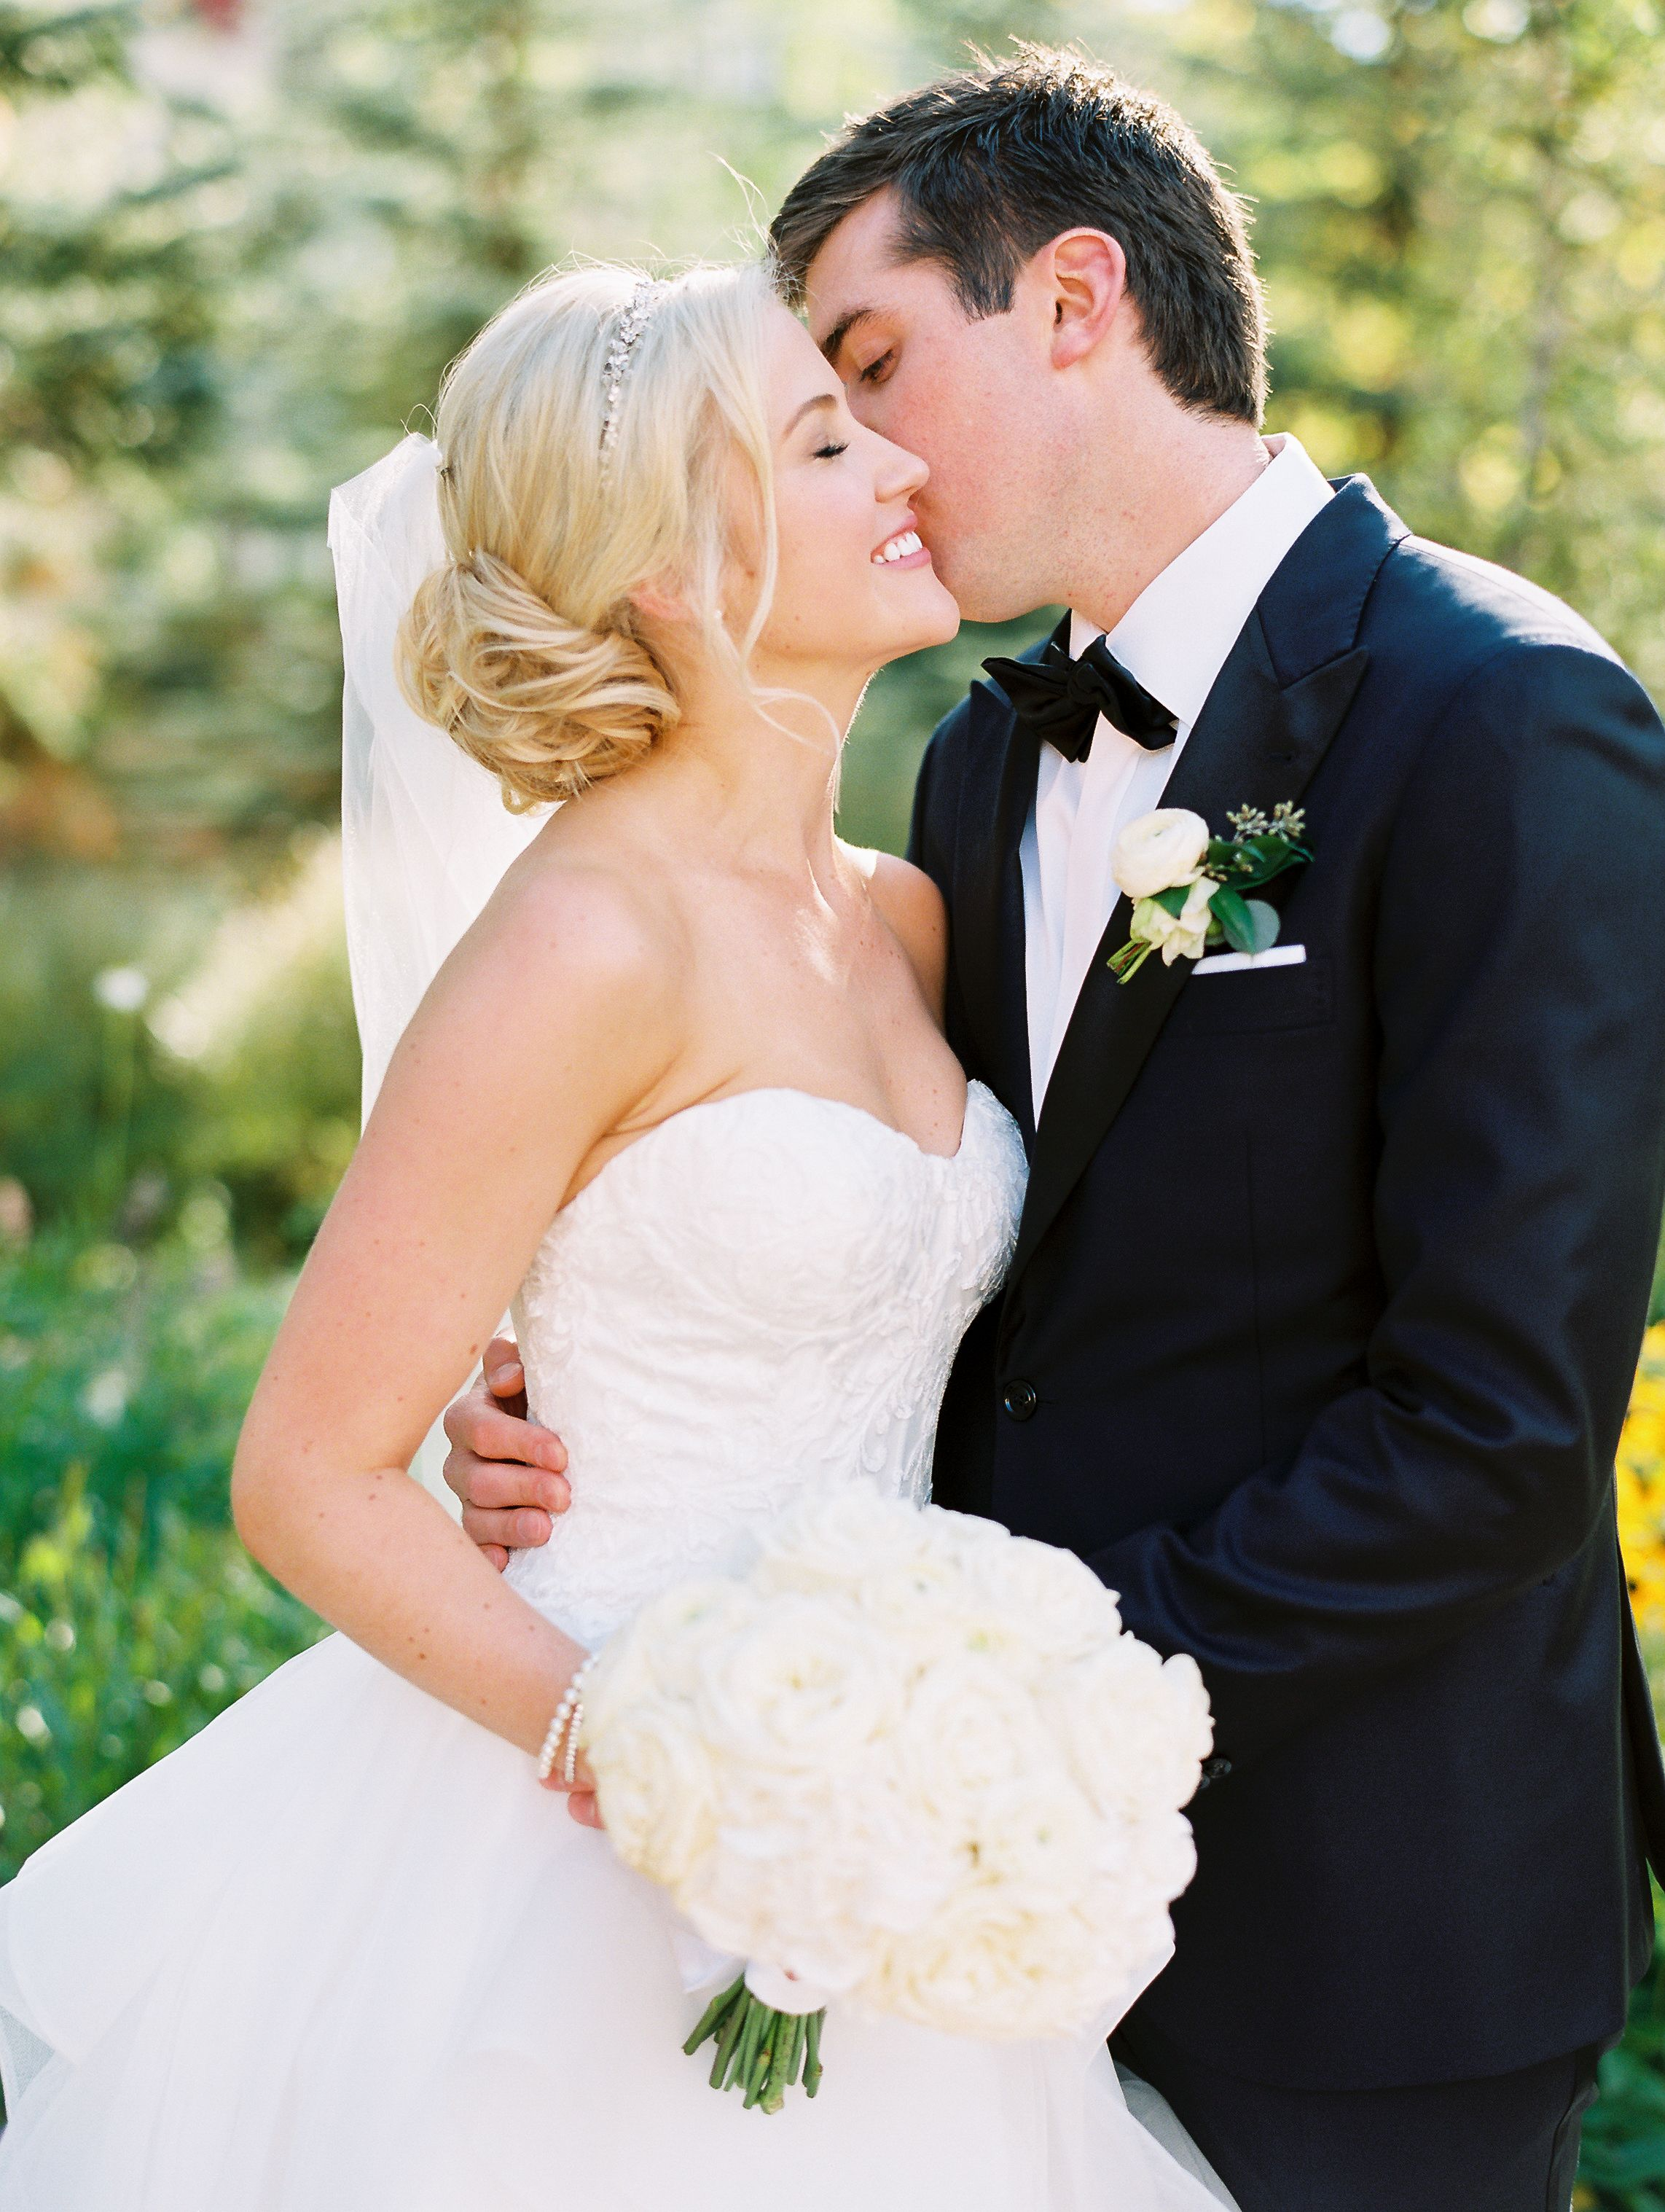 chic vail colorado mountain wedding bride & groom | planning